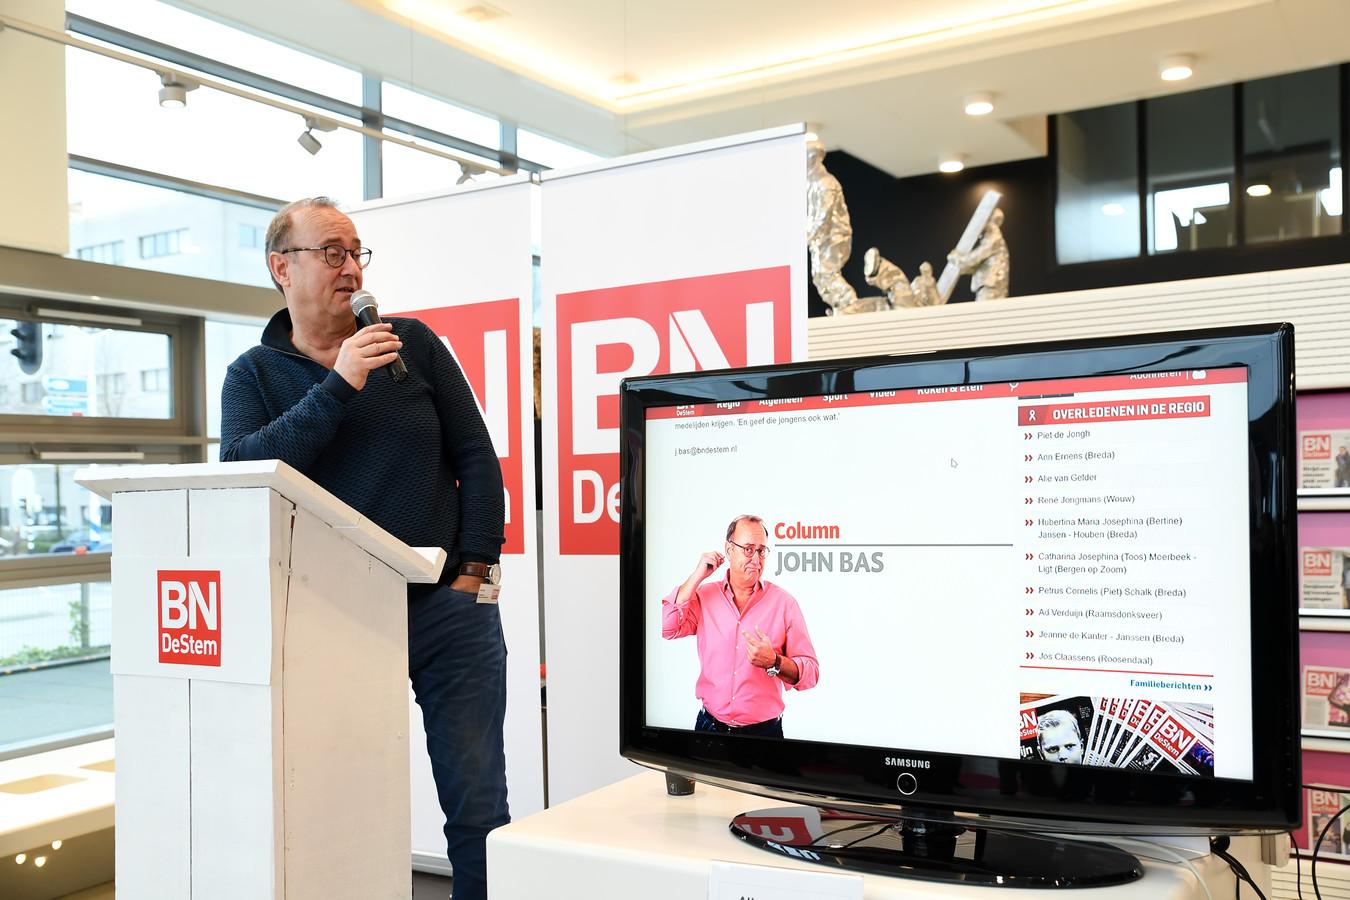 Tijdens de open dag van BN DeStem in het nieuwe kantoor in Roosendaal vertelde John Bas over hoe zijn columns tot stand komen.